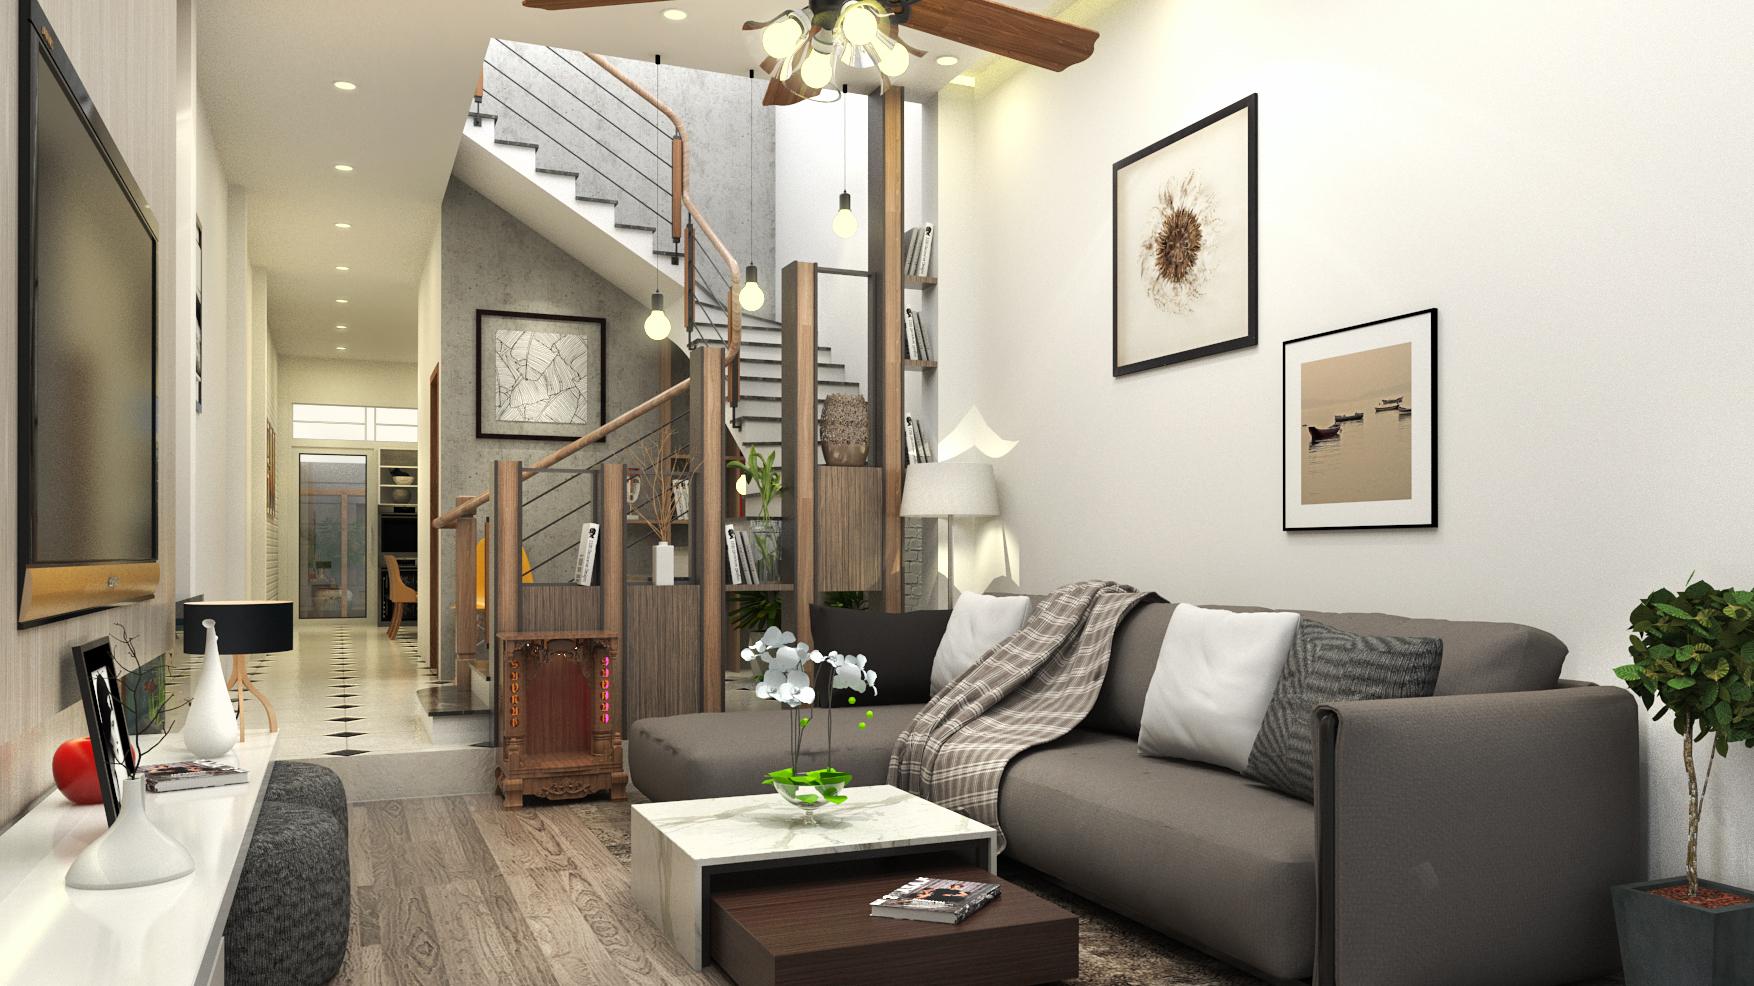 Dự án thiết kế thi công căn hộ quận 9 - Anh Khánh